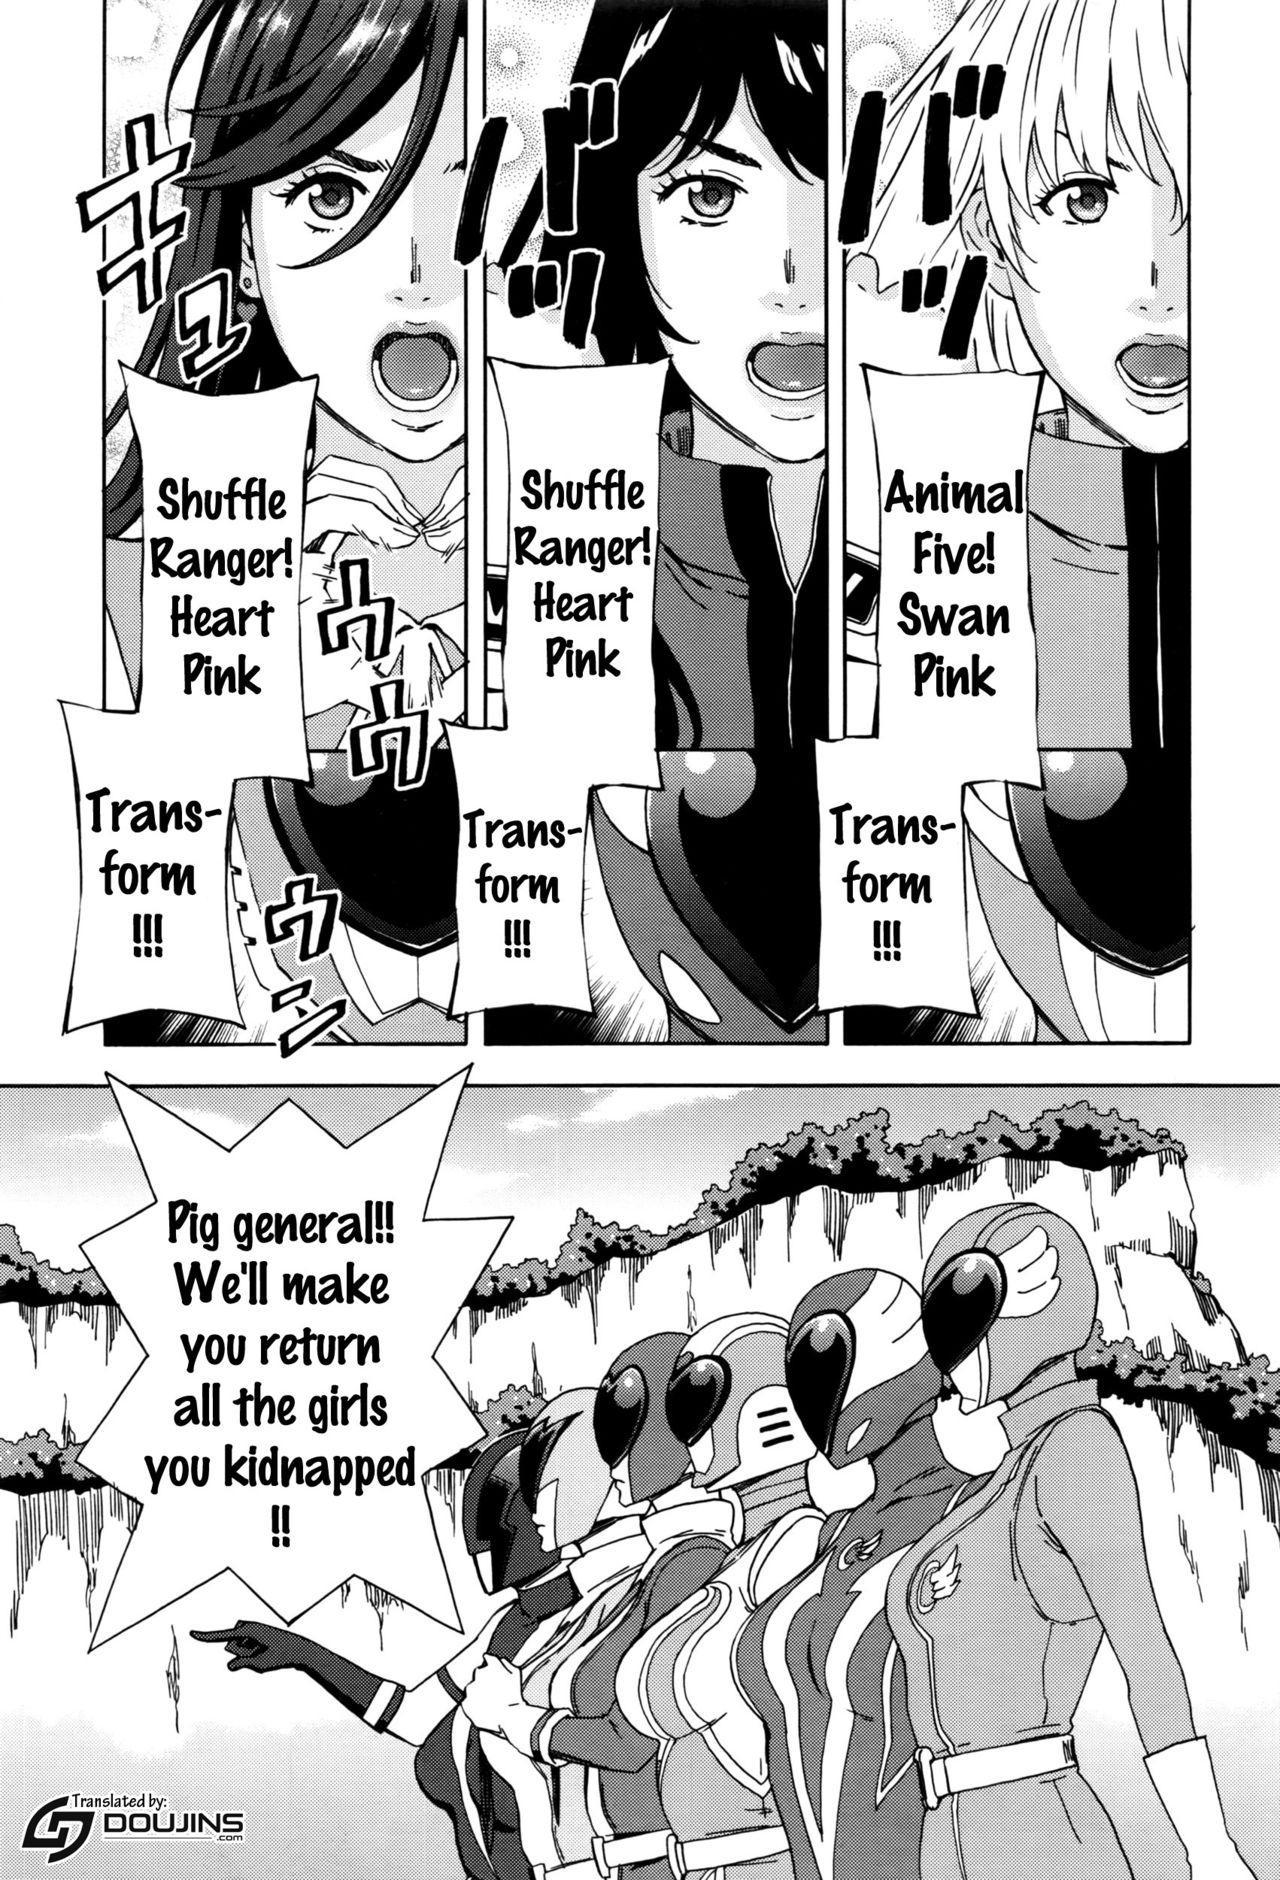 [Amano Ameno] Dai Buta Shougun no Gyakugeki ~Superheroine Taisen~ | Pig General's Counter Attack (COMIC Anthurium 2016-09) [English] {doujins.com} 1